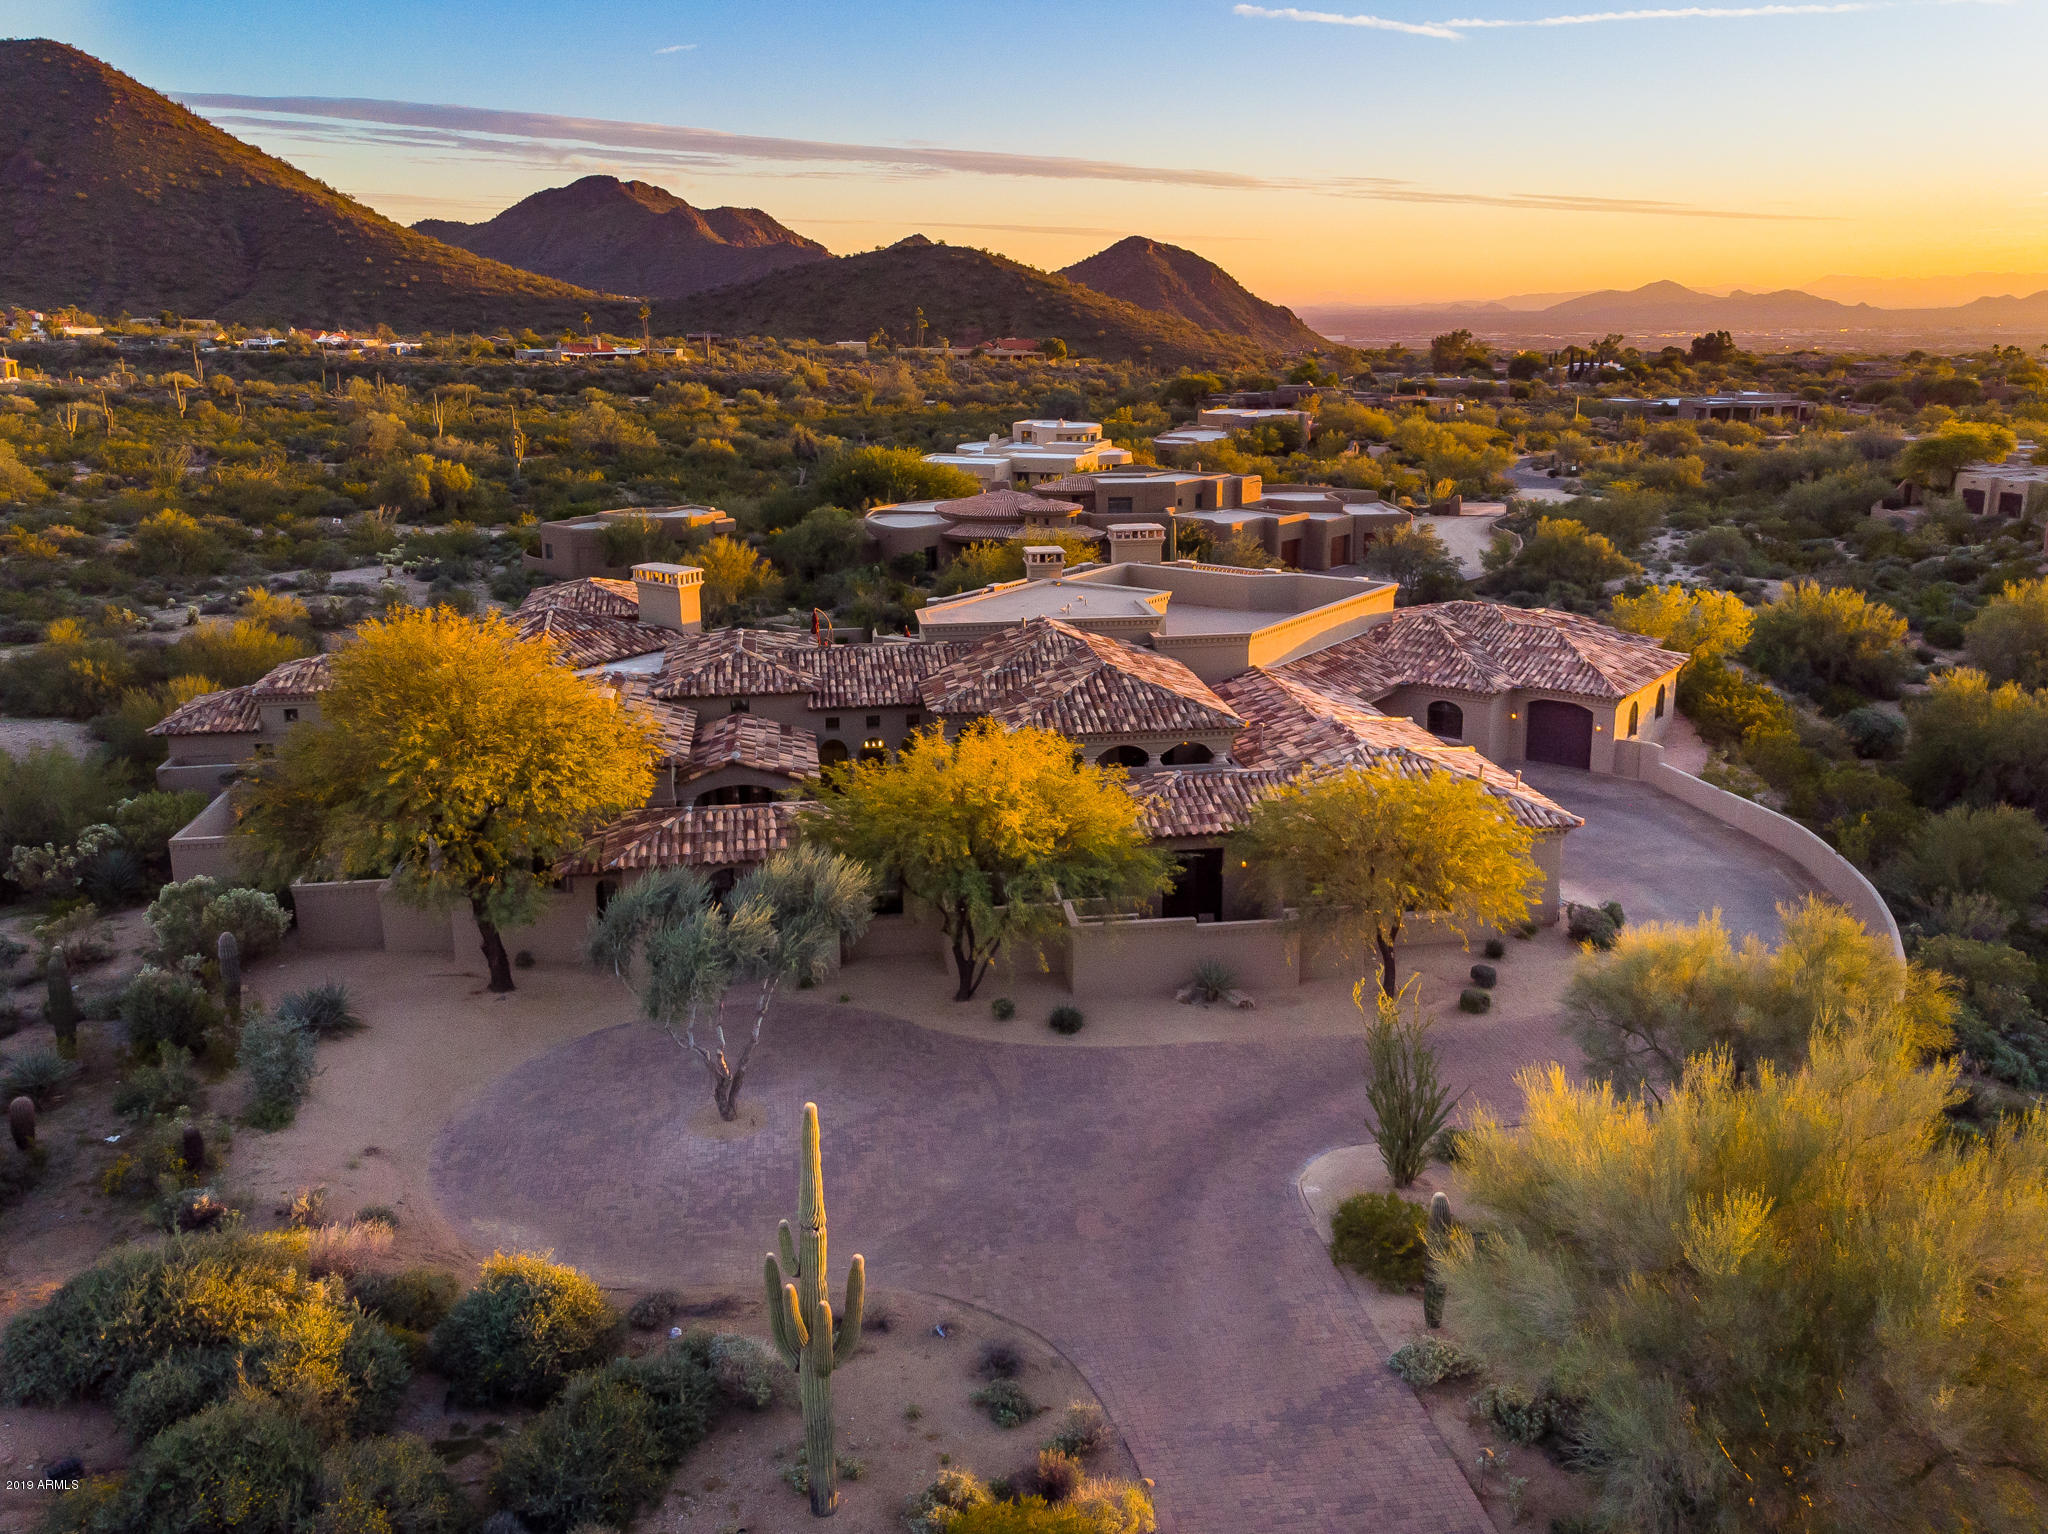 MLS 5911874 10163 E SANTA CATALINA Drive, Scottsdale, AZ 85255 Scottsdale AZ Private Pool